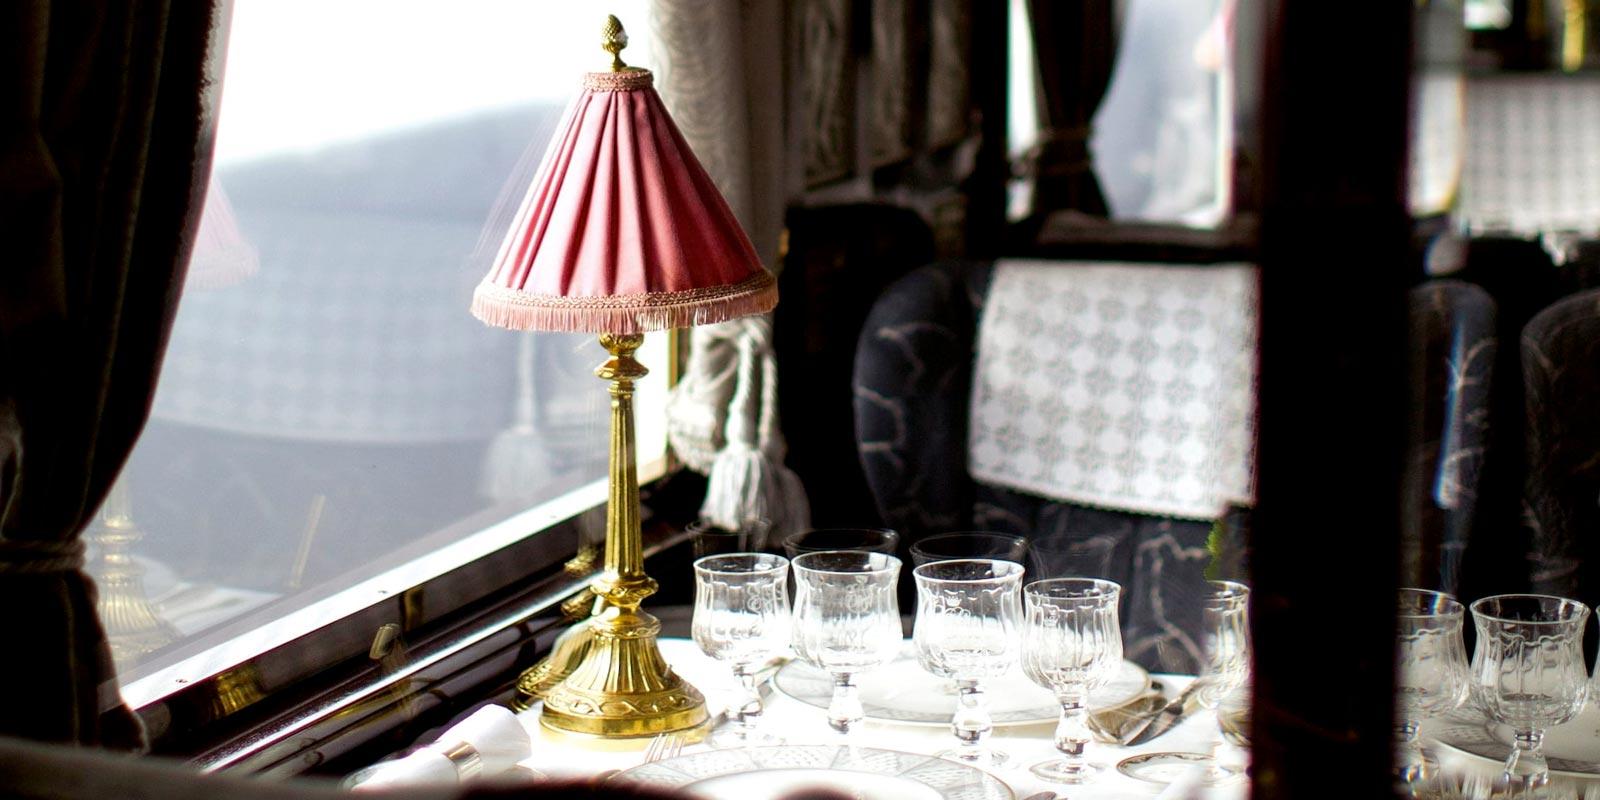 Belmond Venice Simplon-Orient-Express Code D'Azur